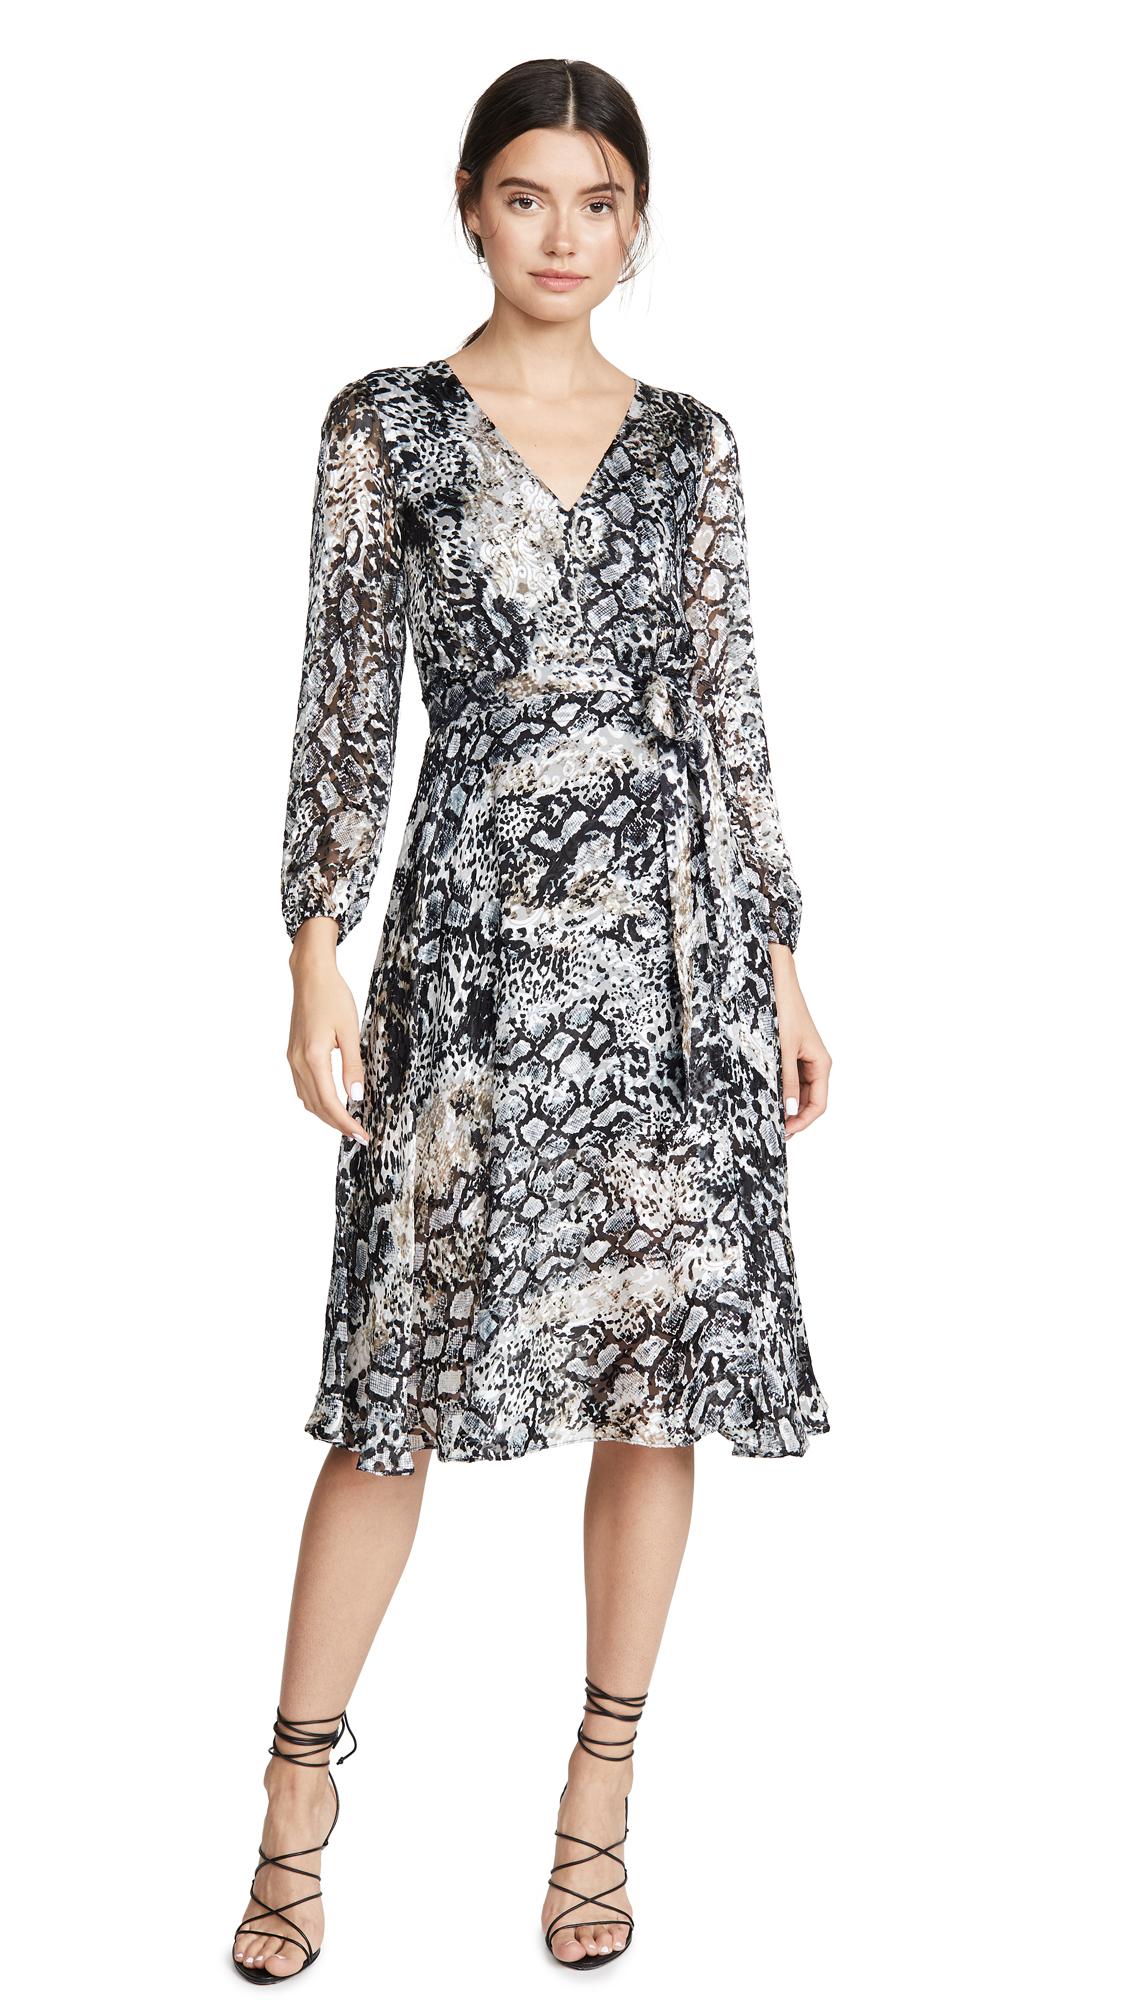 alice + olivia Coco Plunging V Neck Dress - Black Multi